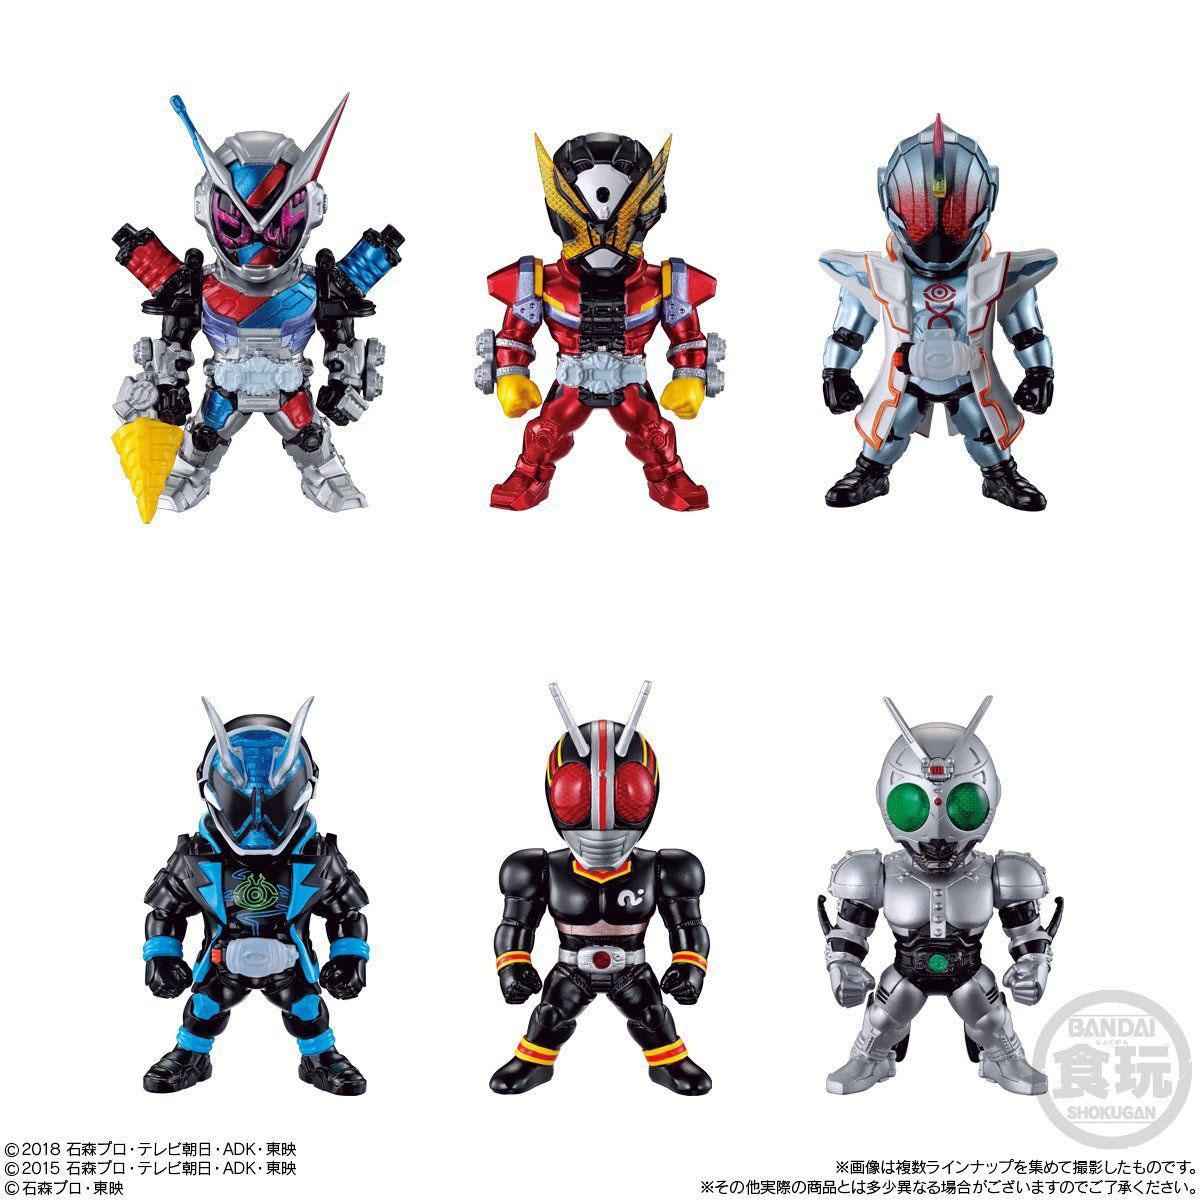 【食玩】コンバージ仮面ライダー『CONVERGE KAMEN RIDER 13』10個入りBOX-008